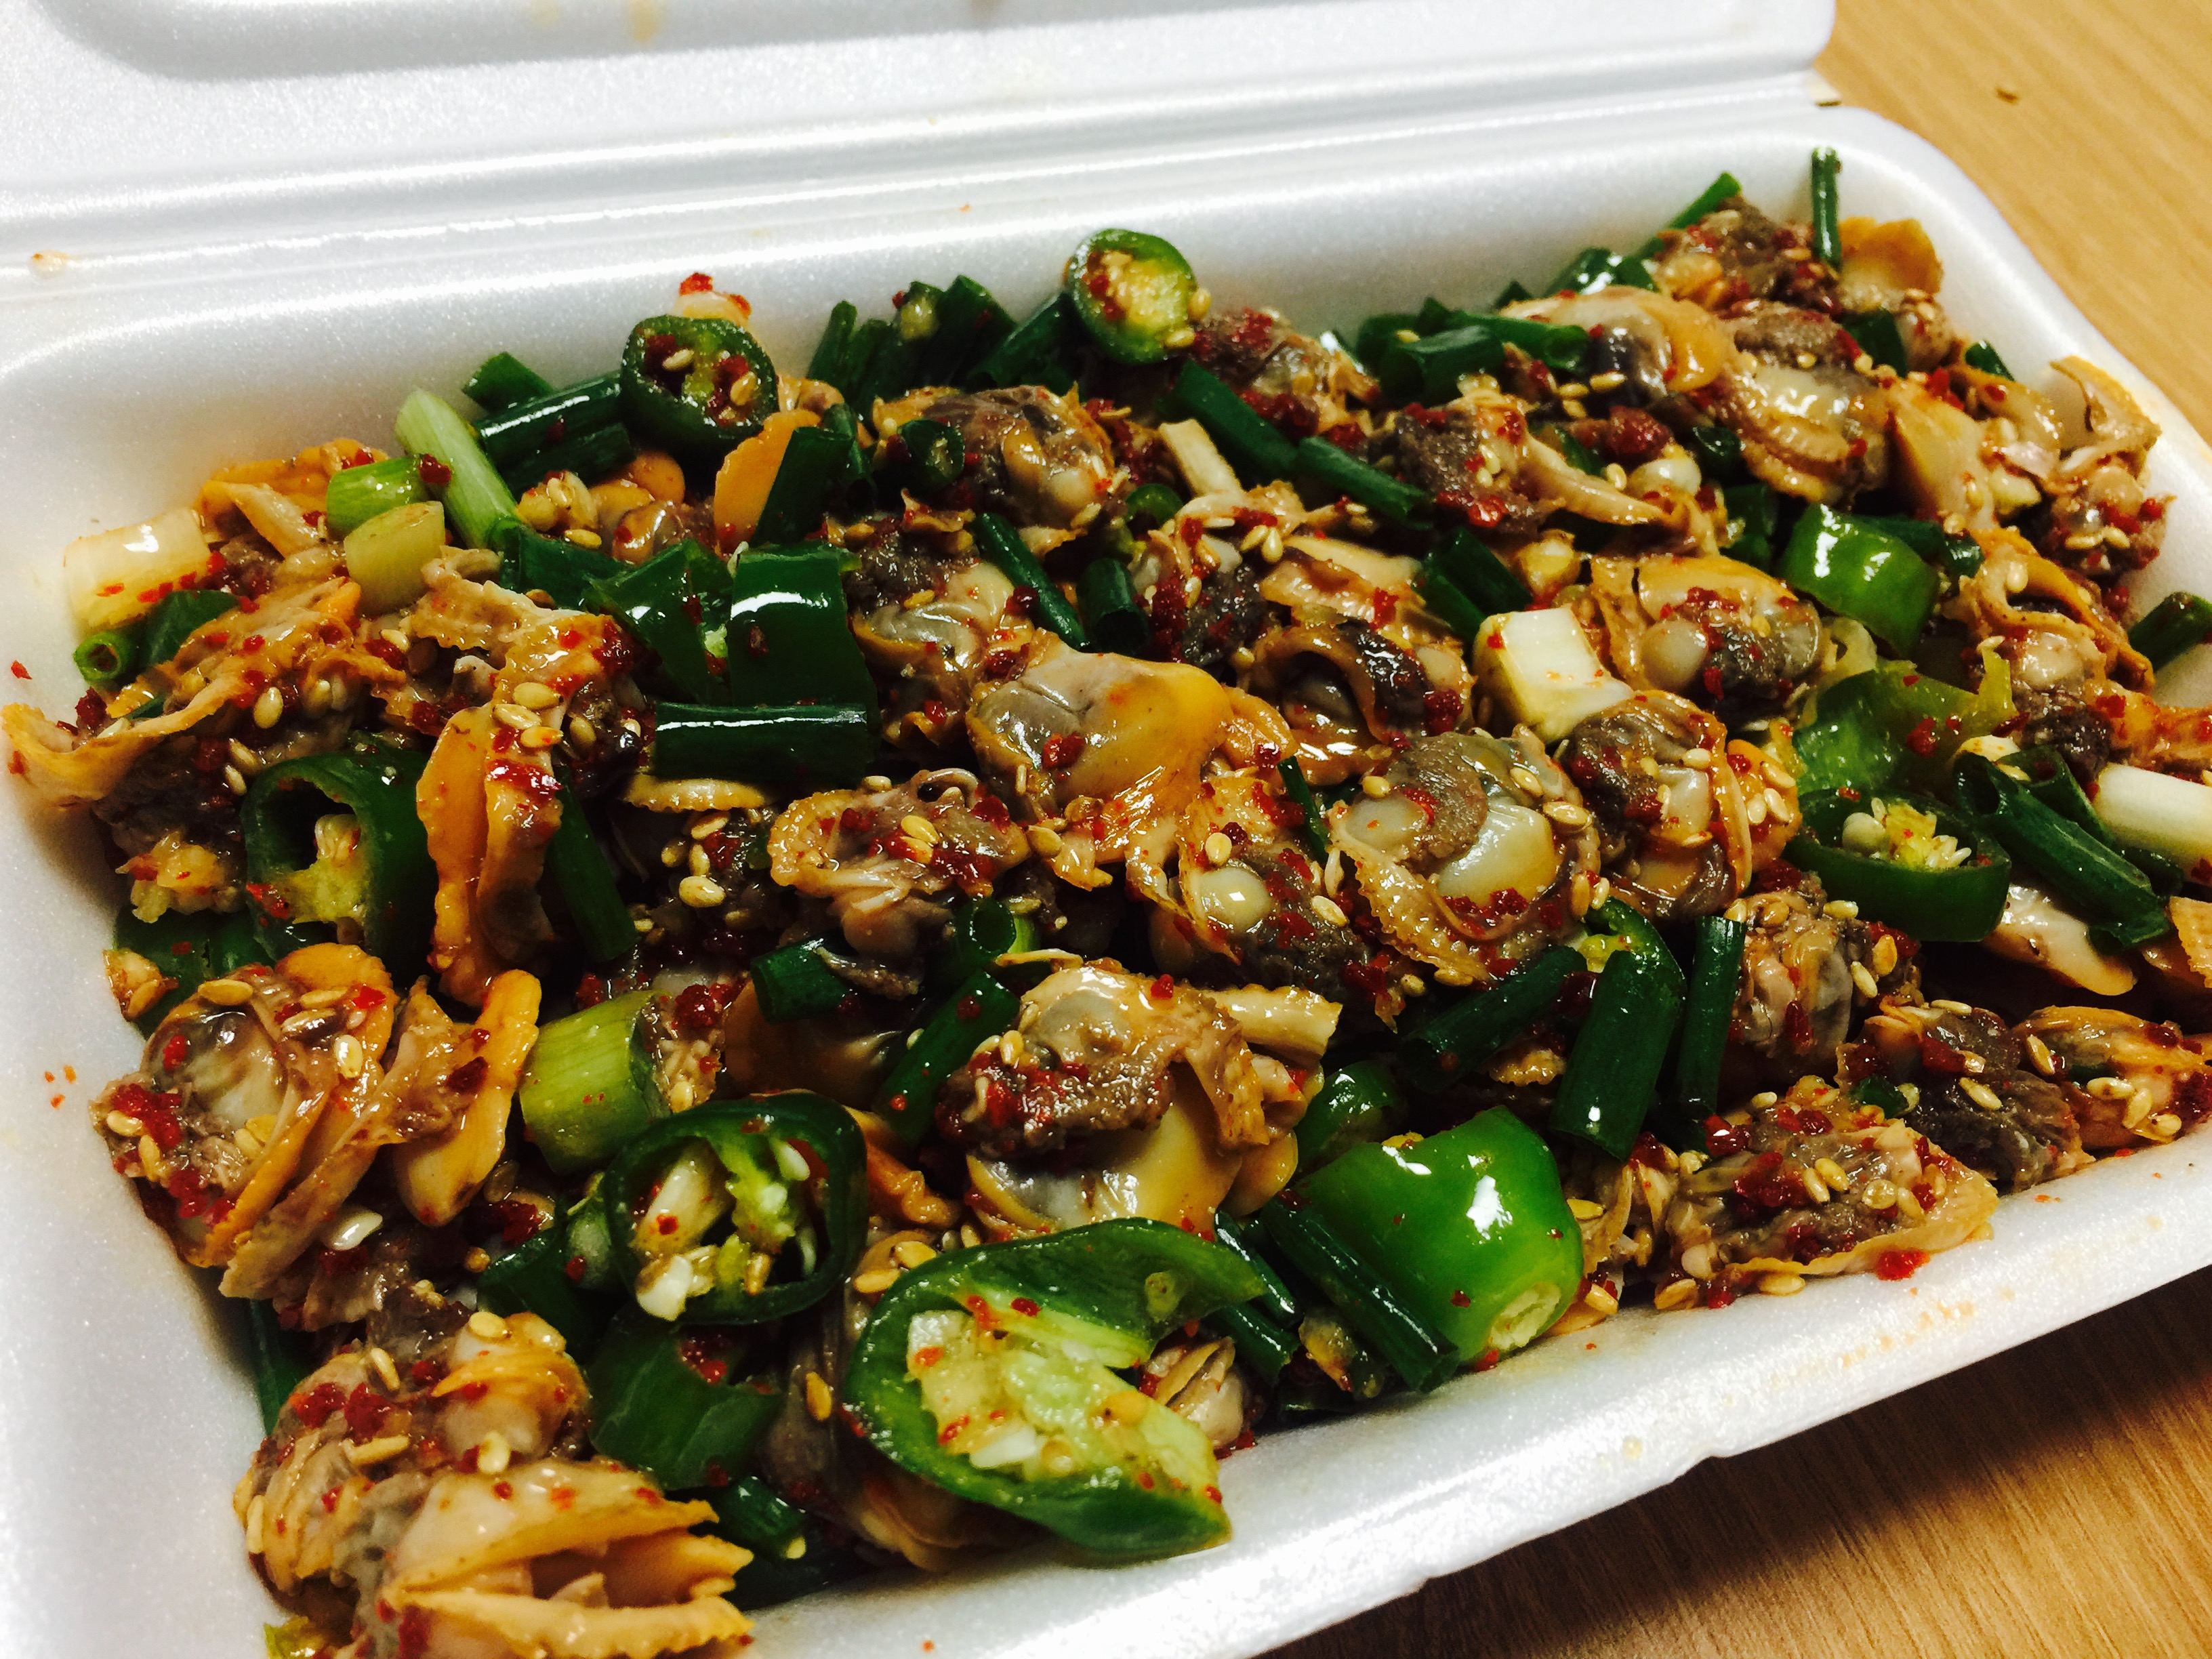 꼬막무침과 꼬막 비빔밥이 맛있는 엄지네 포장마차